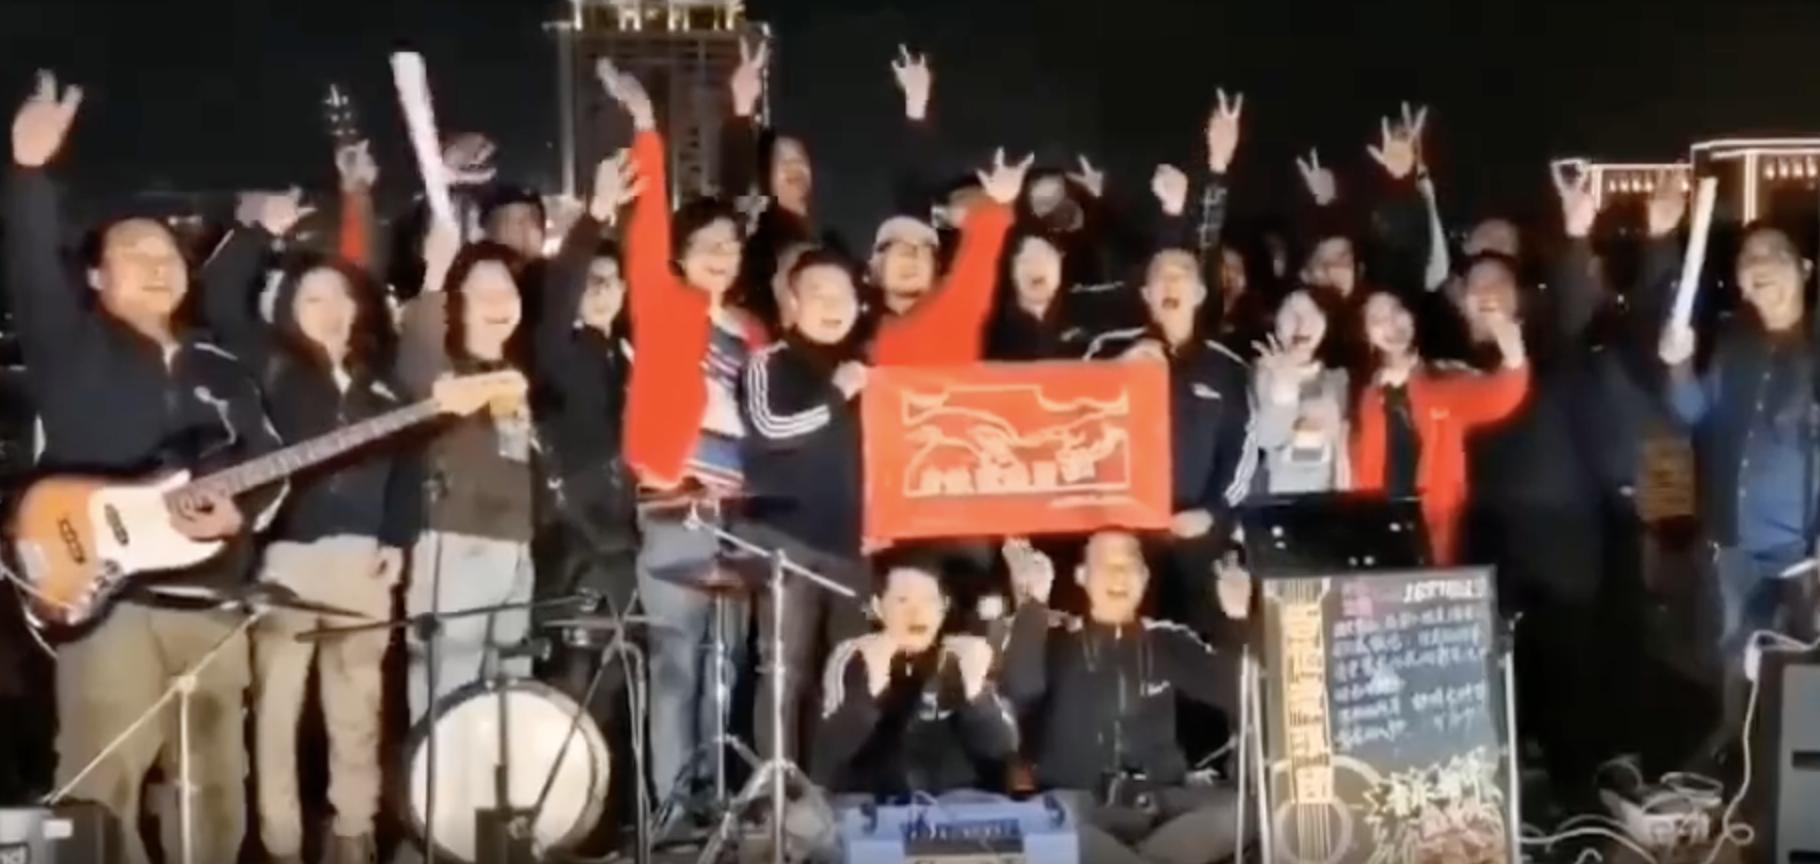 揭阳吉他漂流团祝全国人民新年快乐